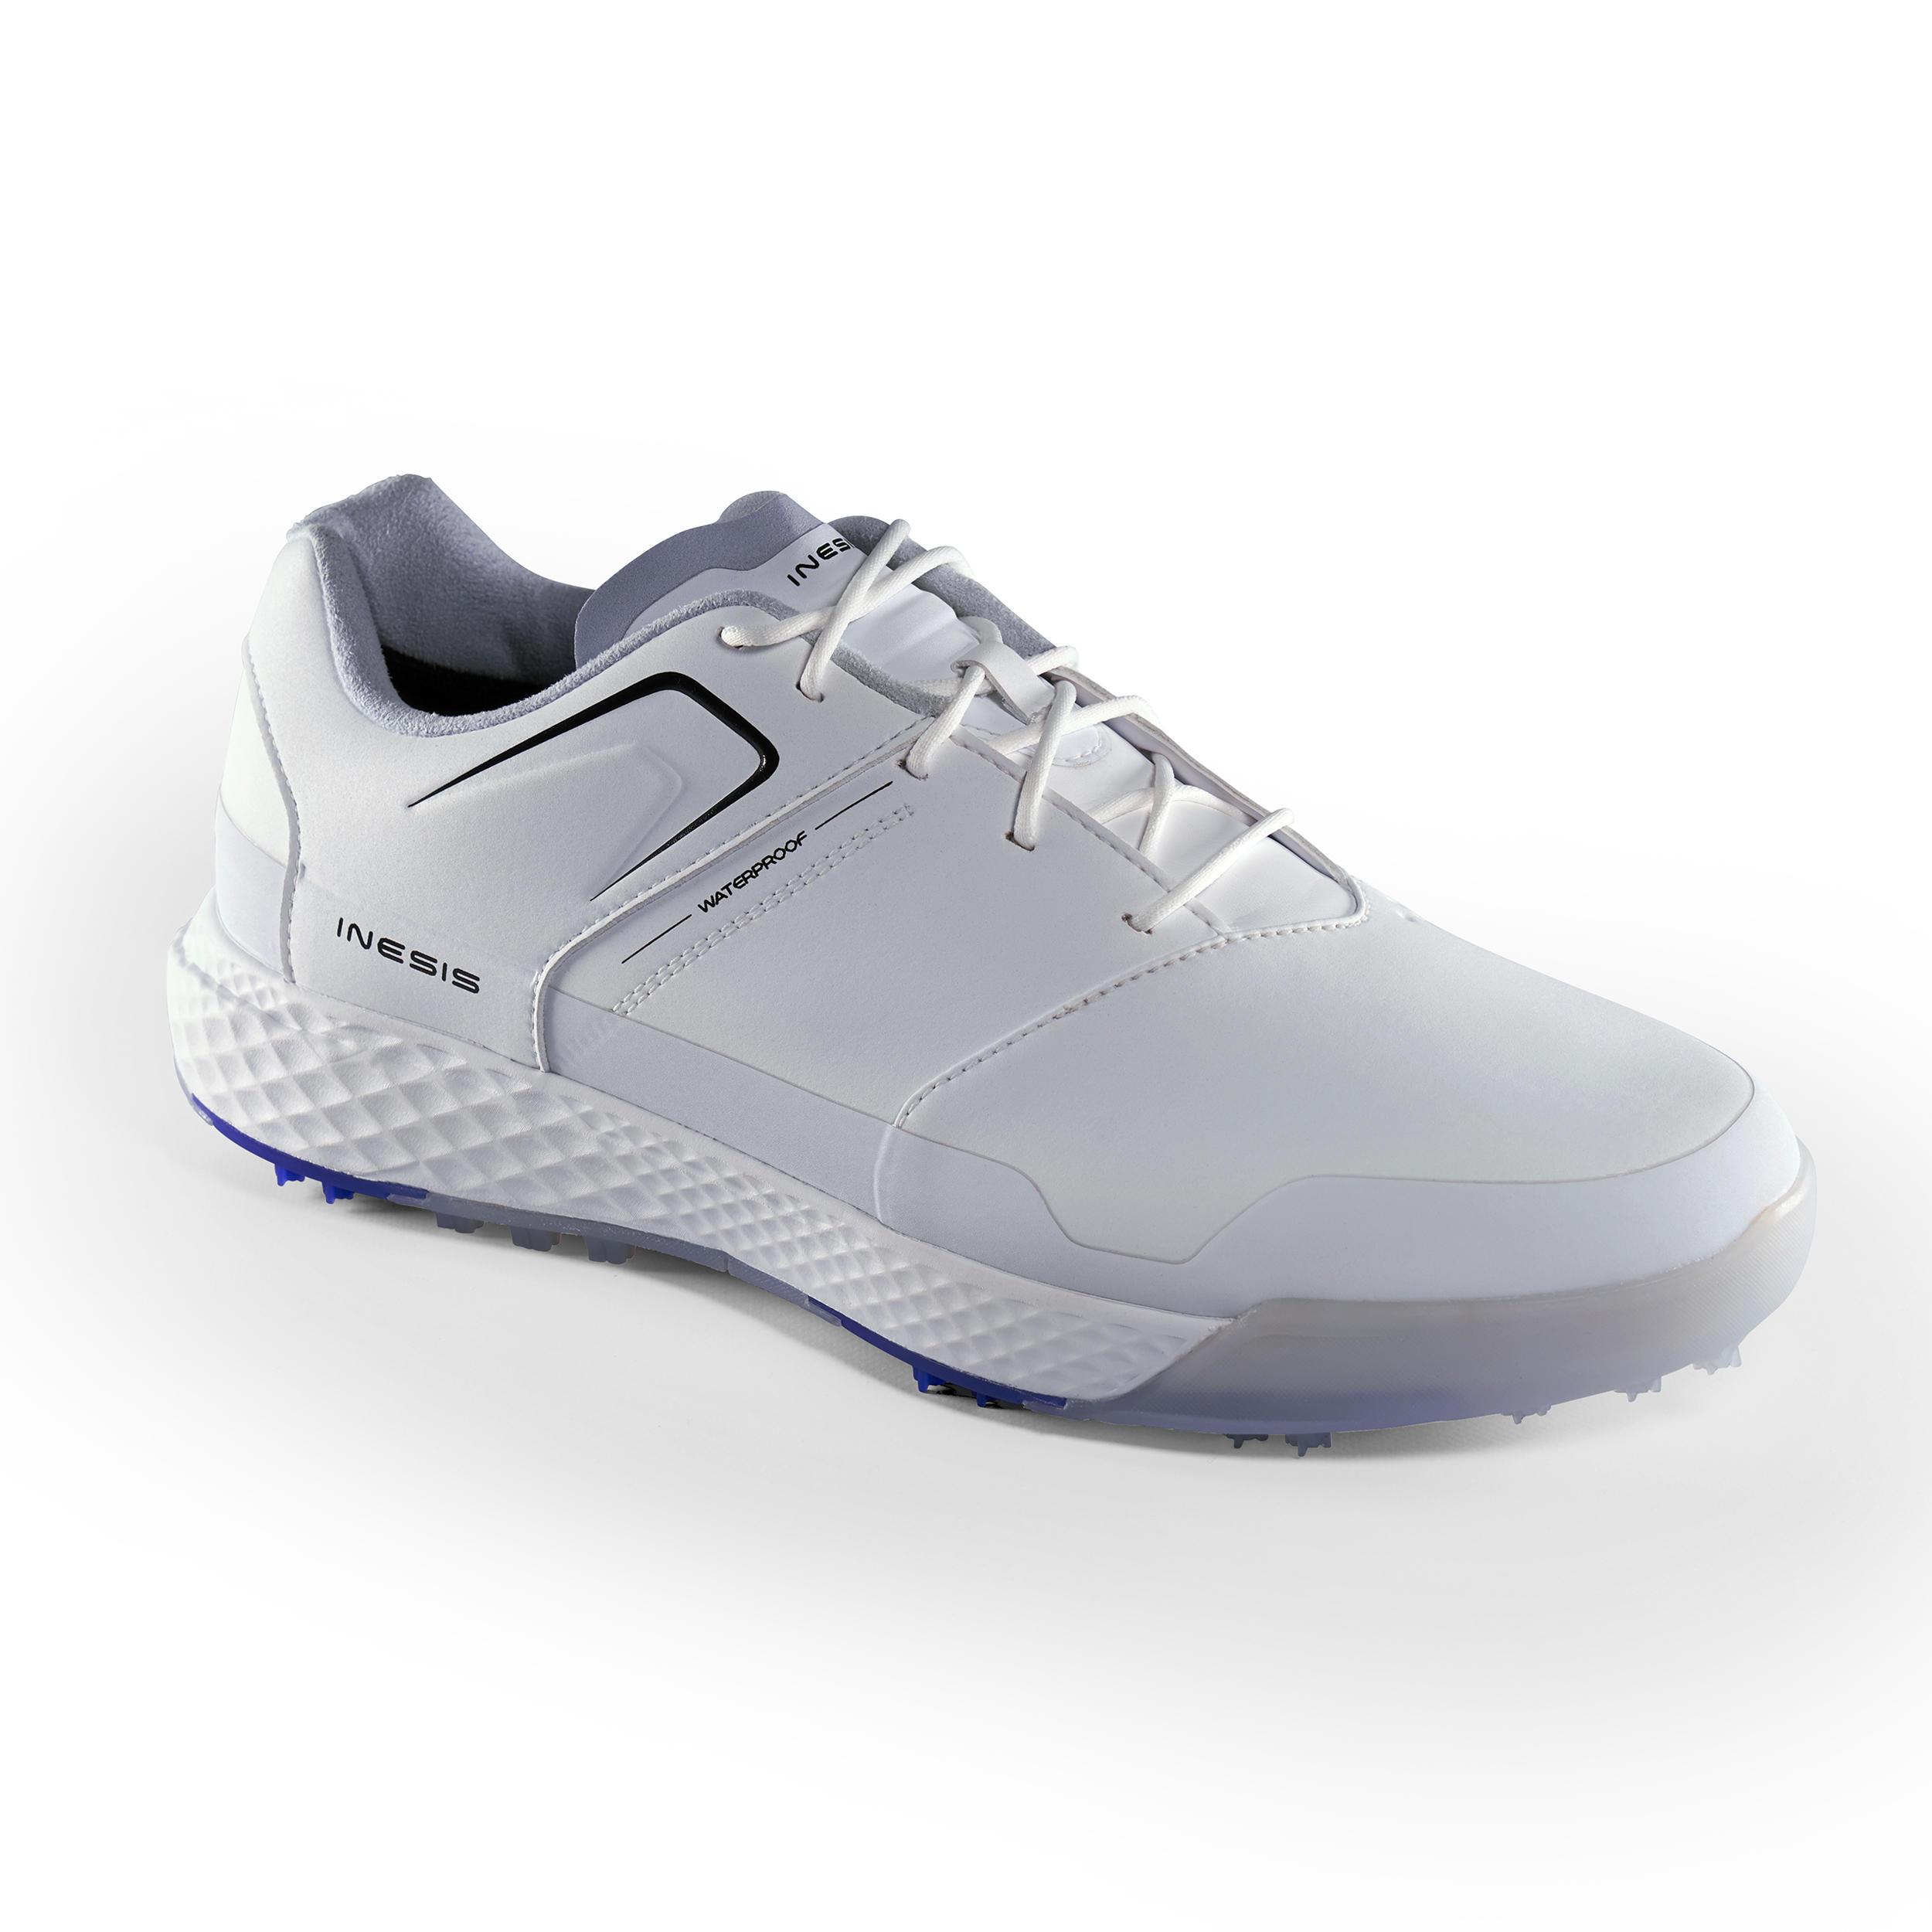 pretty nice 42ab1 88fd9 Comprar zapatos y zapatillas de golf online  Decathlon